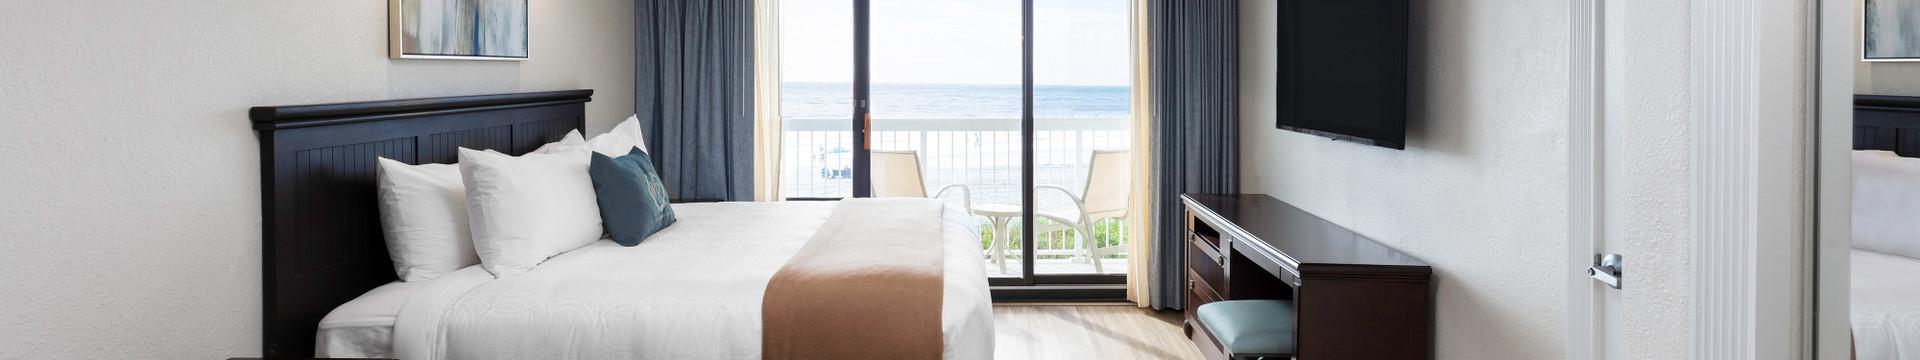 Bedroom in the One Bedroom Deluxe Oceanfront Villa - Westgate Myrtle Beach Resort